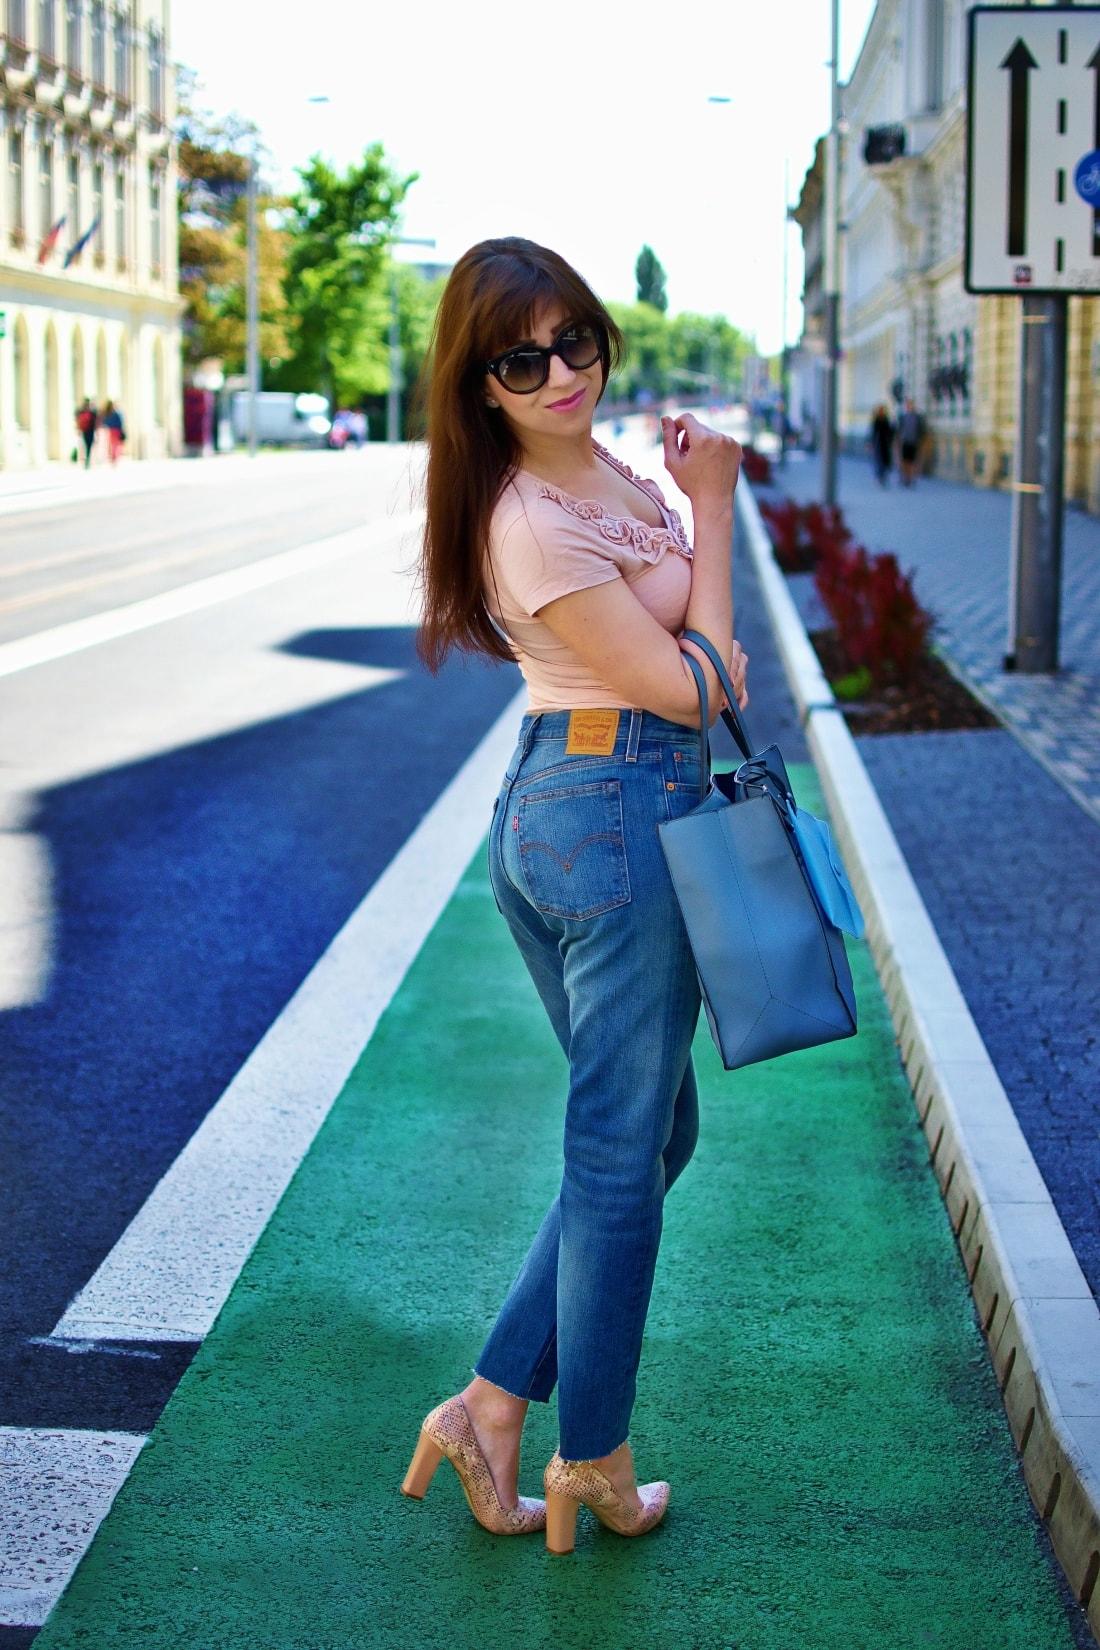 5 rád ako sa nezblázniť z nepadnúcich džínsov_Katharine-fashion is beautiful blog 7_Džínsy Levis_Ružový top_Katarína Jakubčová_Fashion blogger